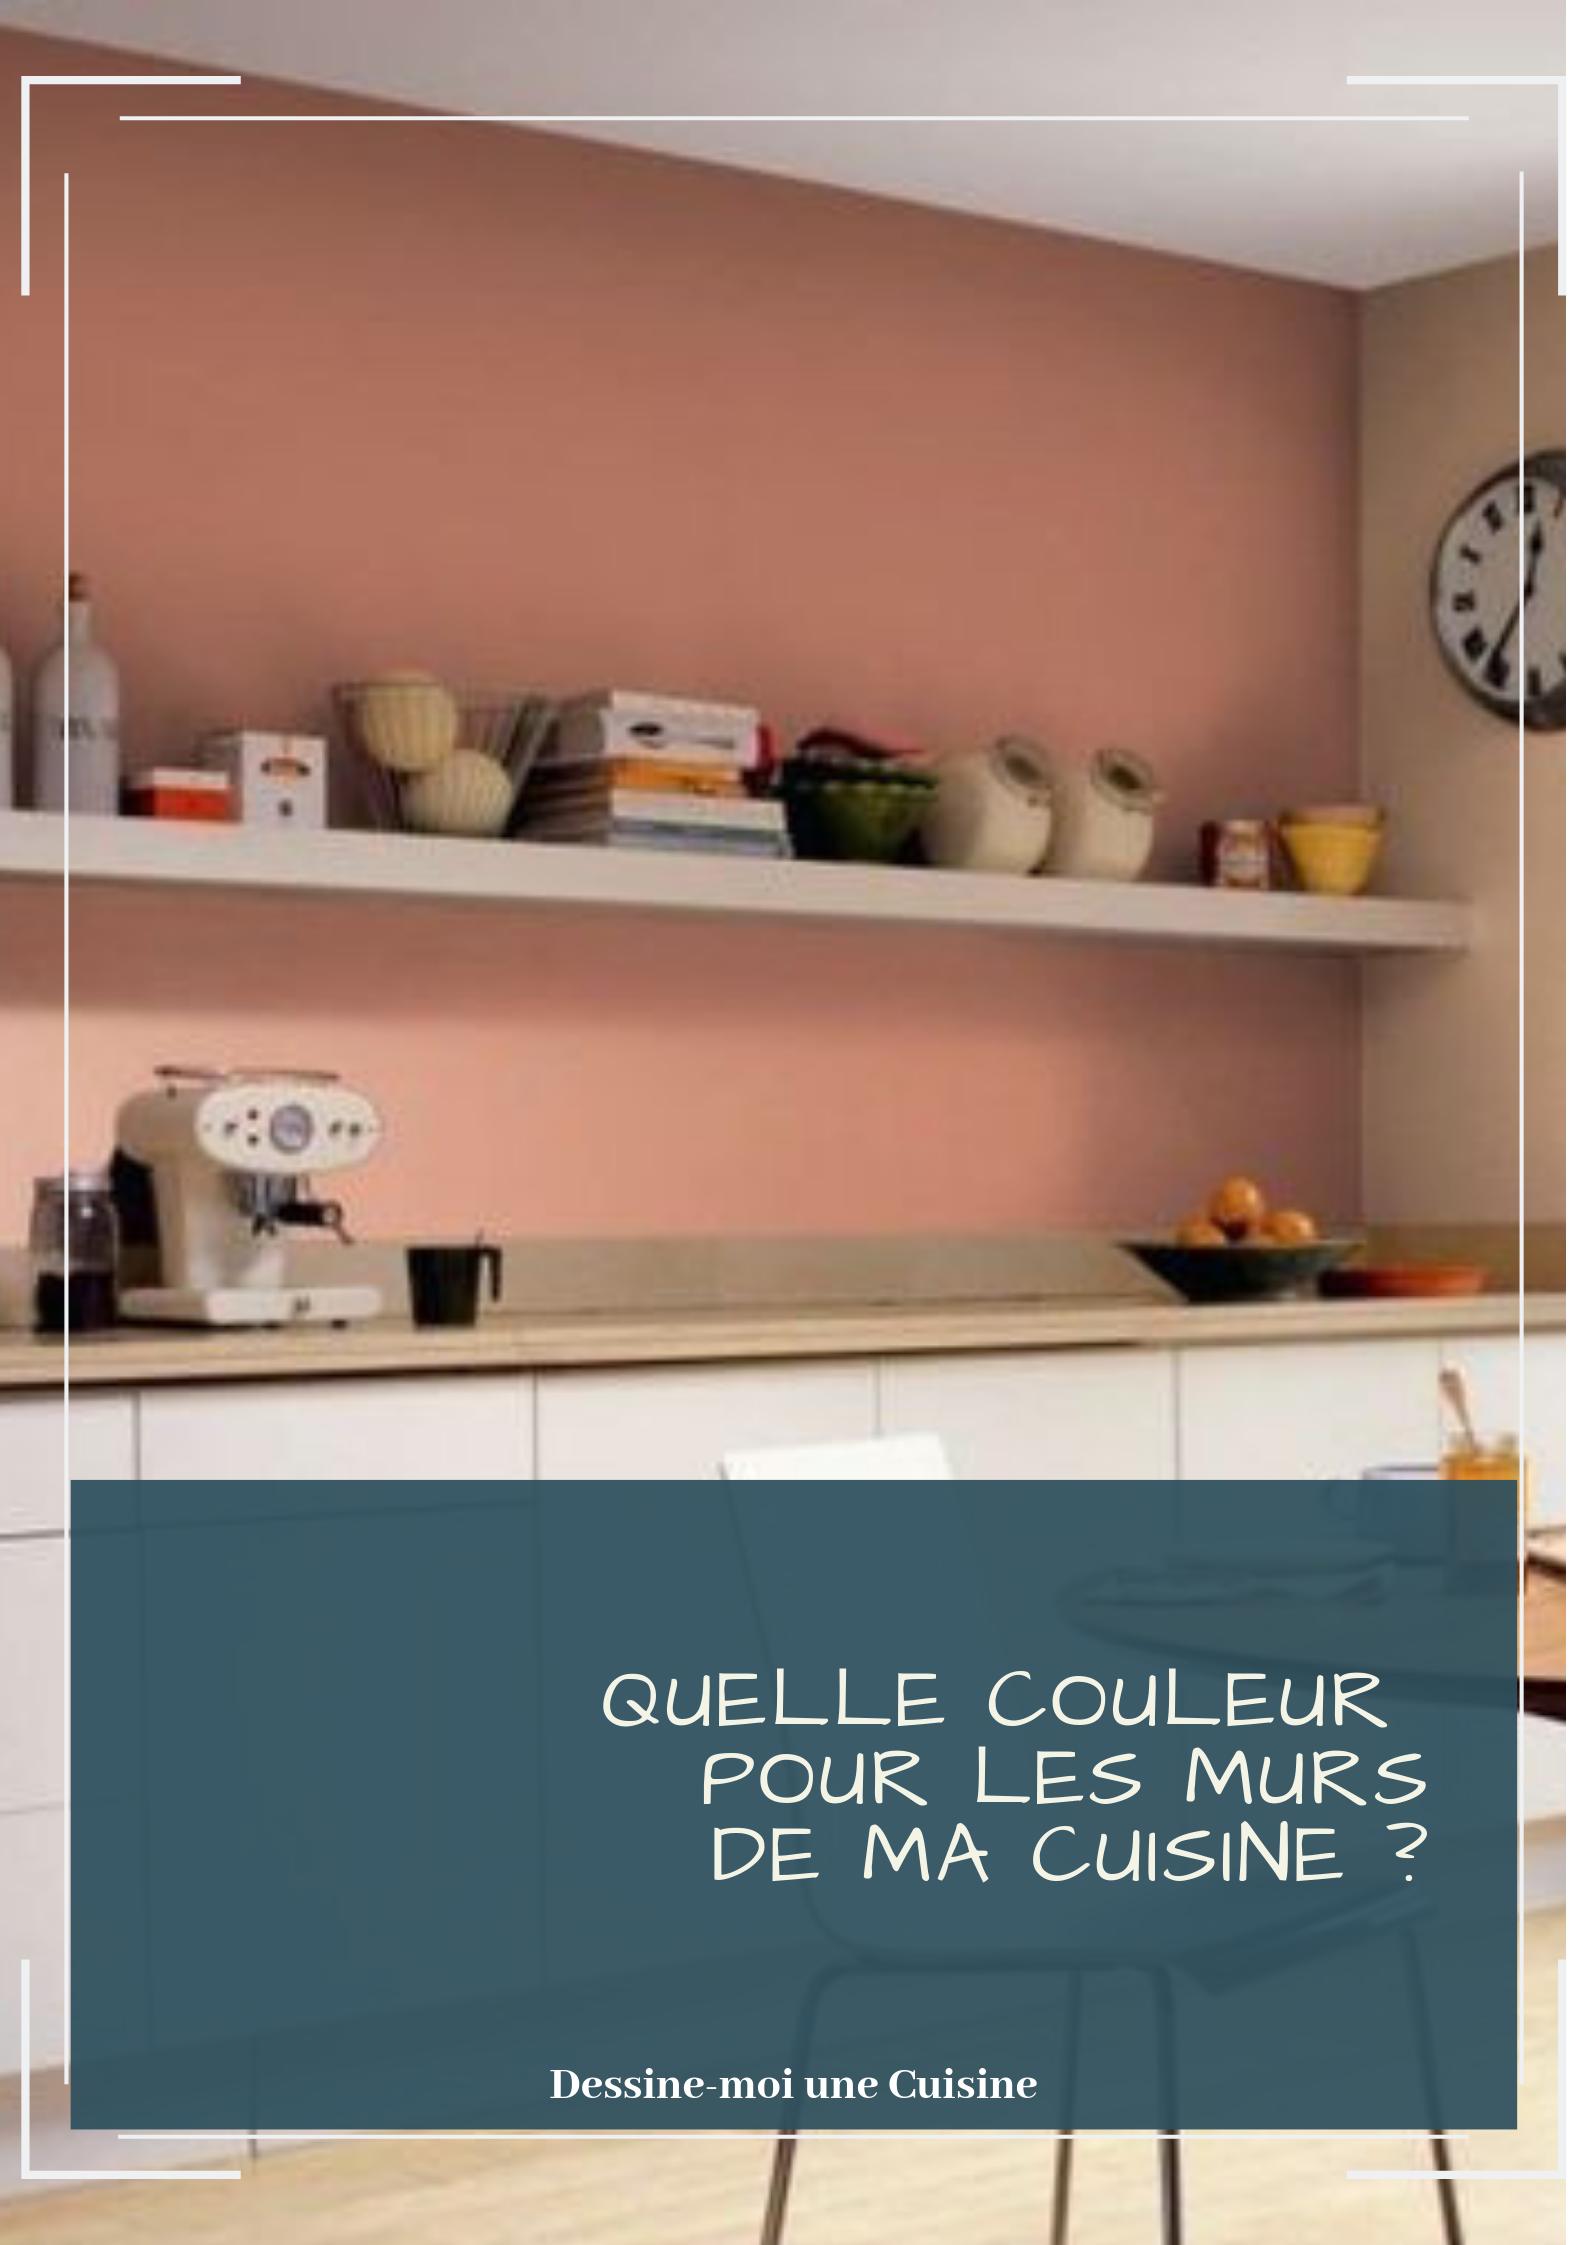 Quelle couleur pour les murs de cuisine ?